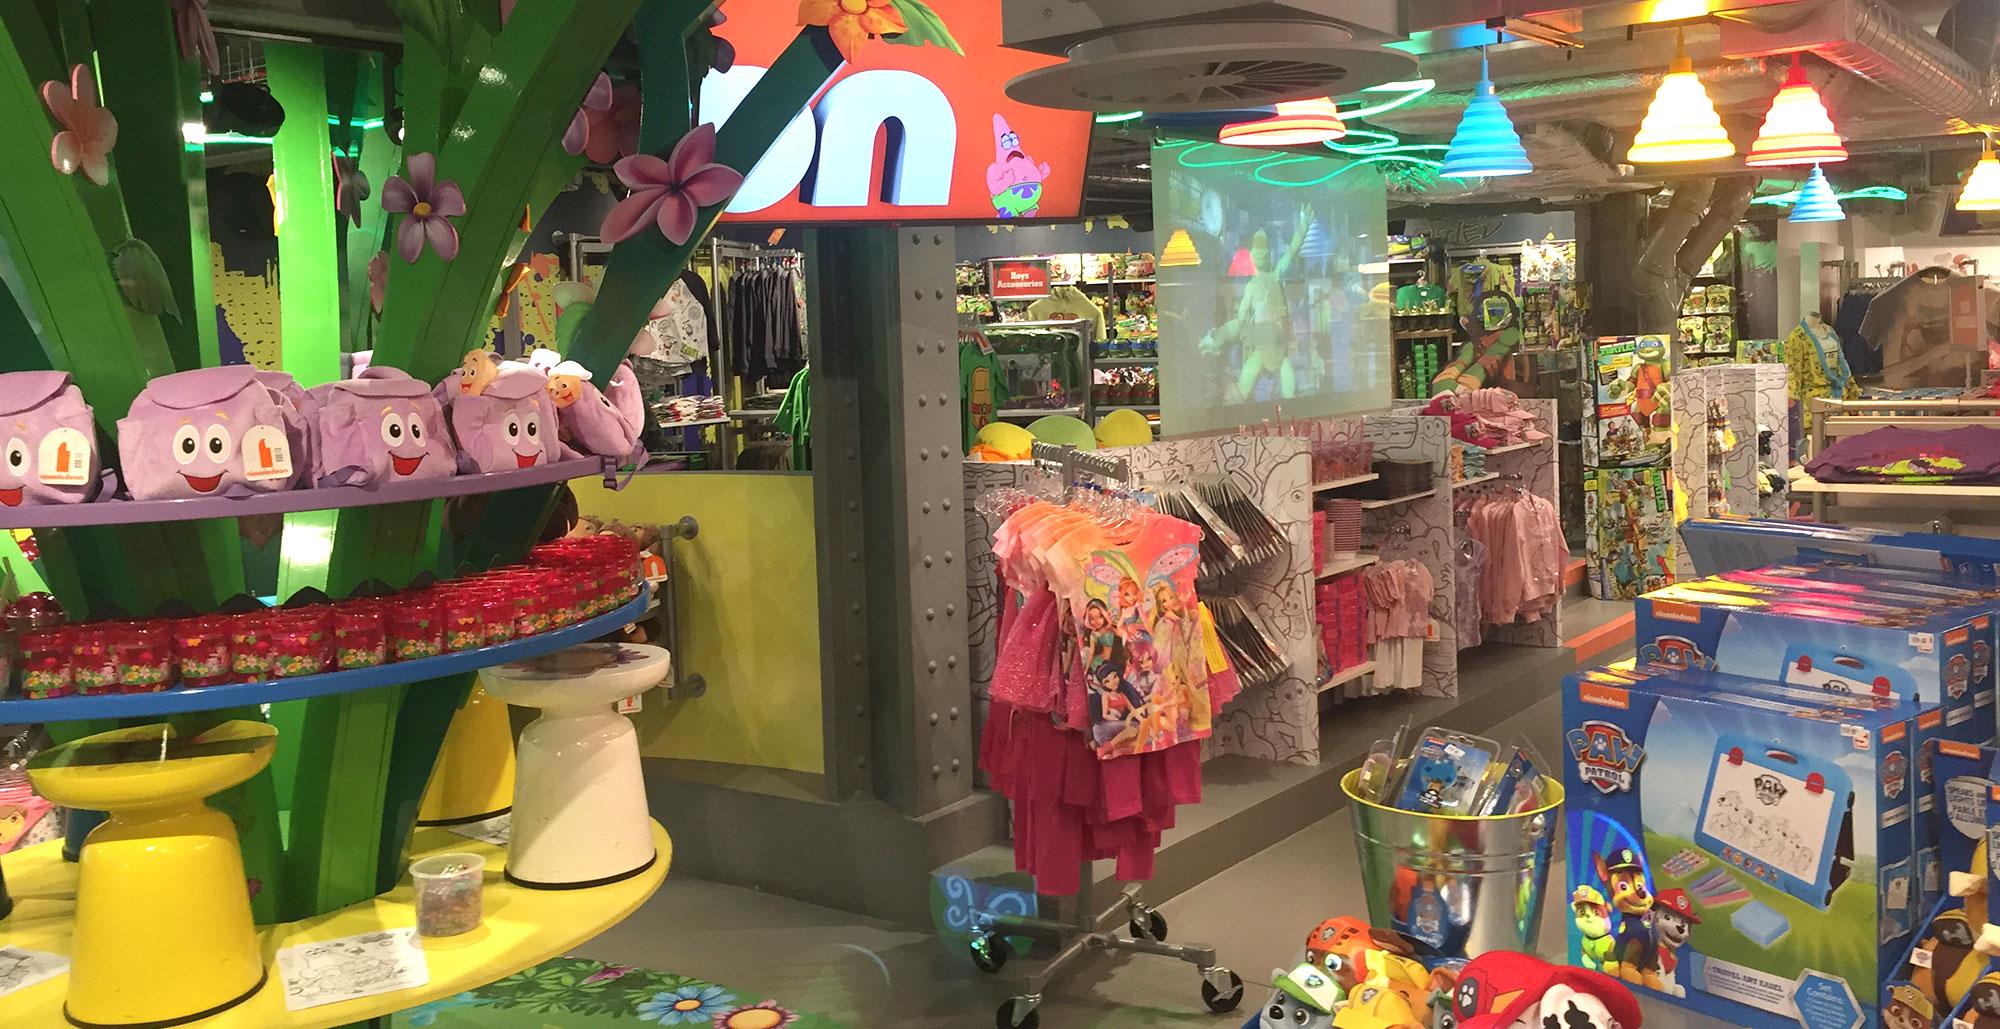 Nickelodeon Store, London - PAI